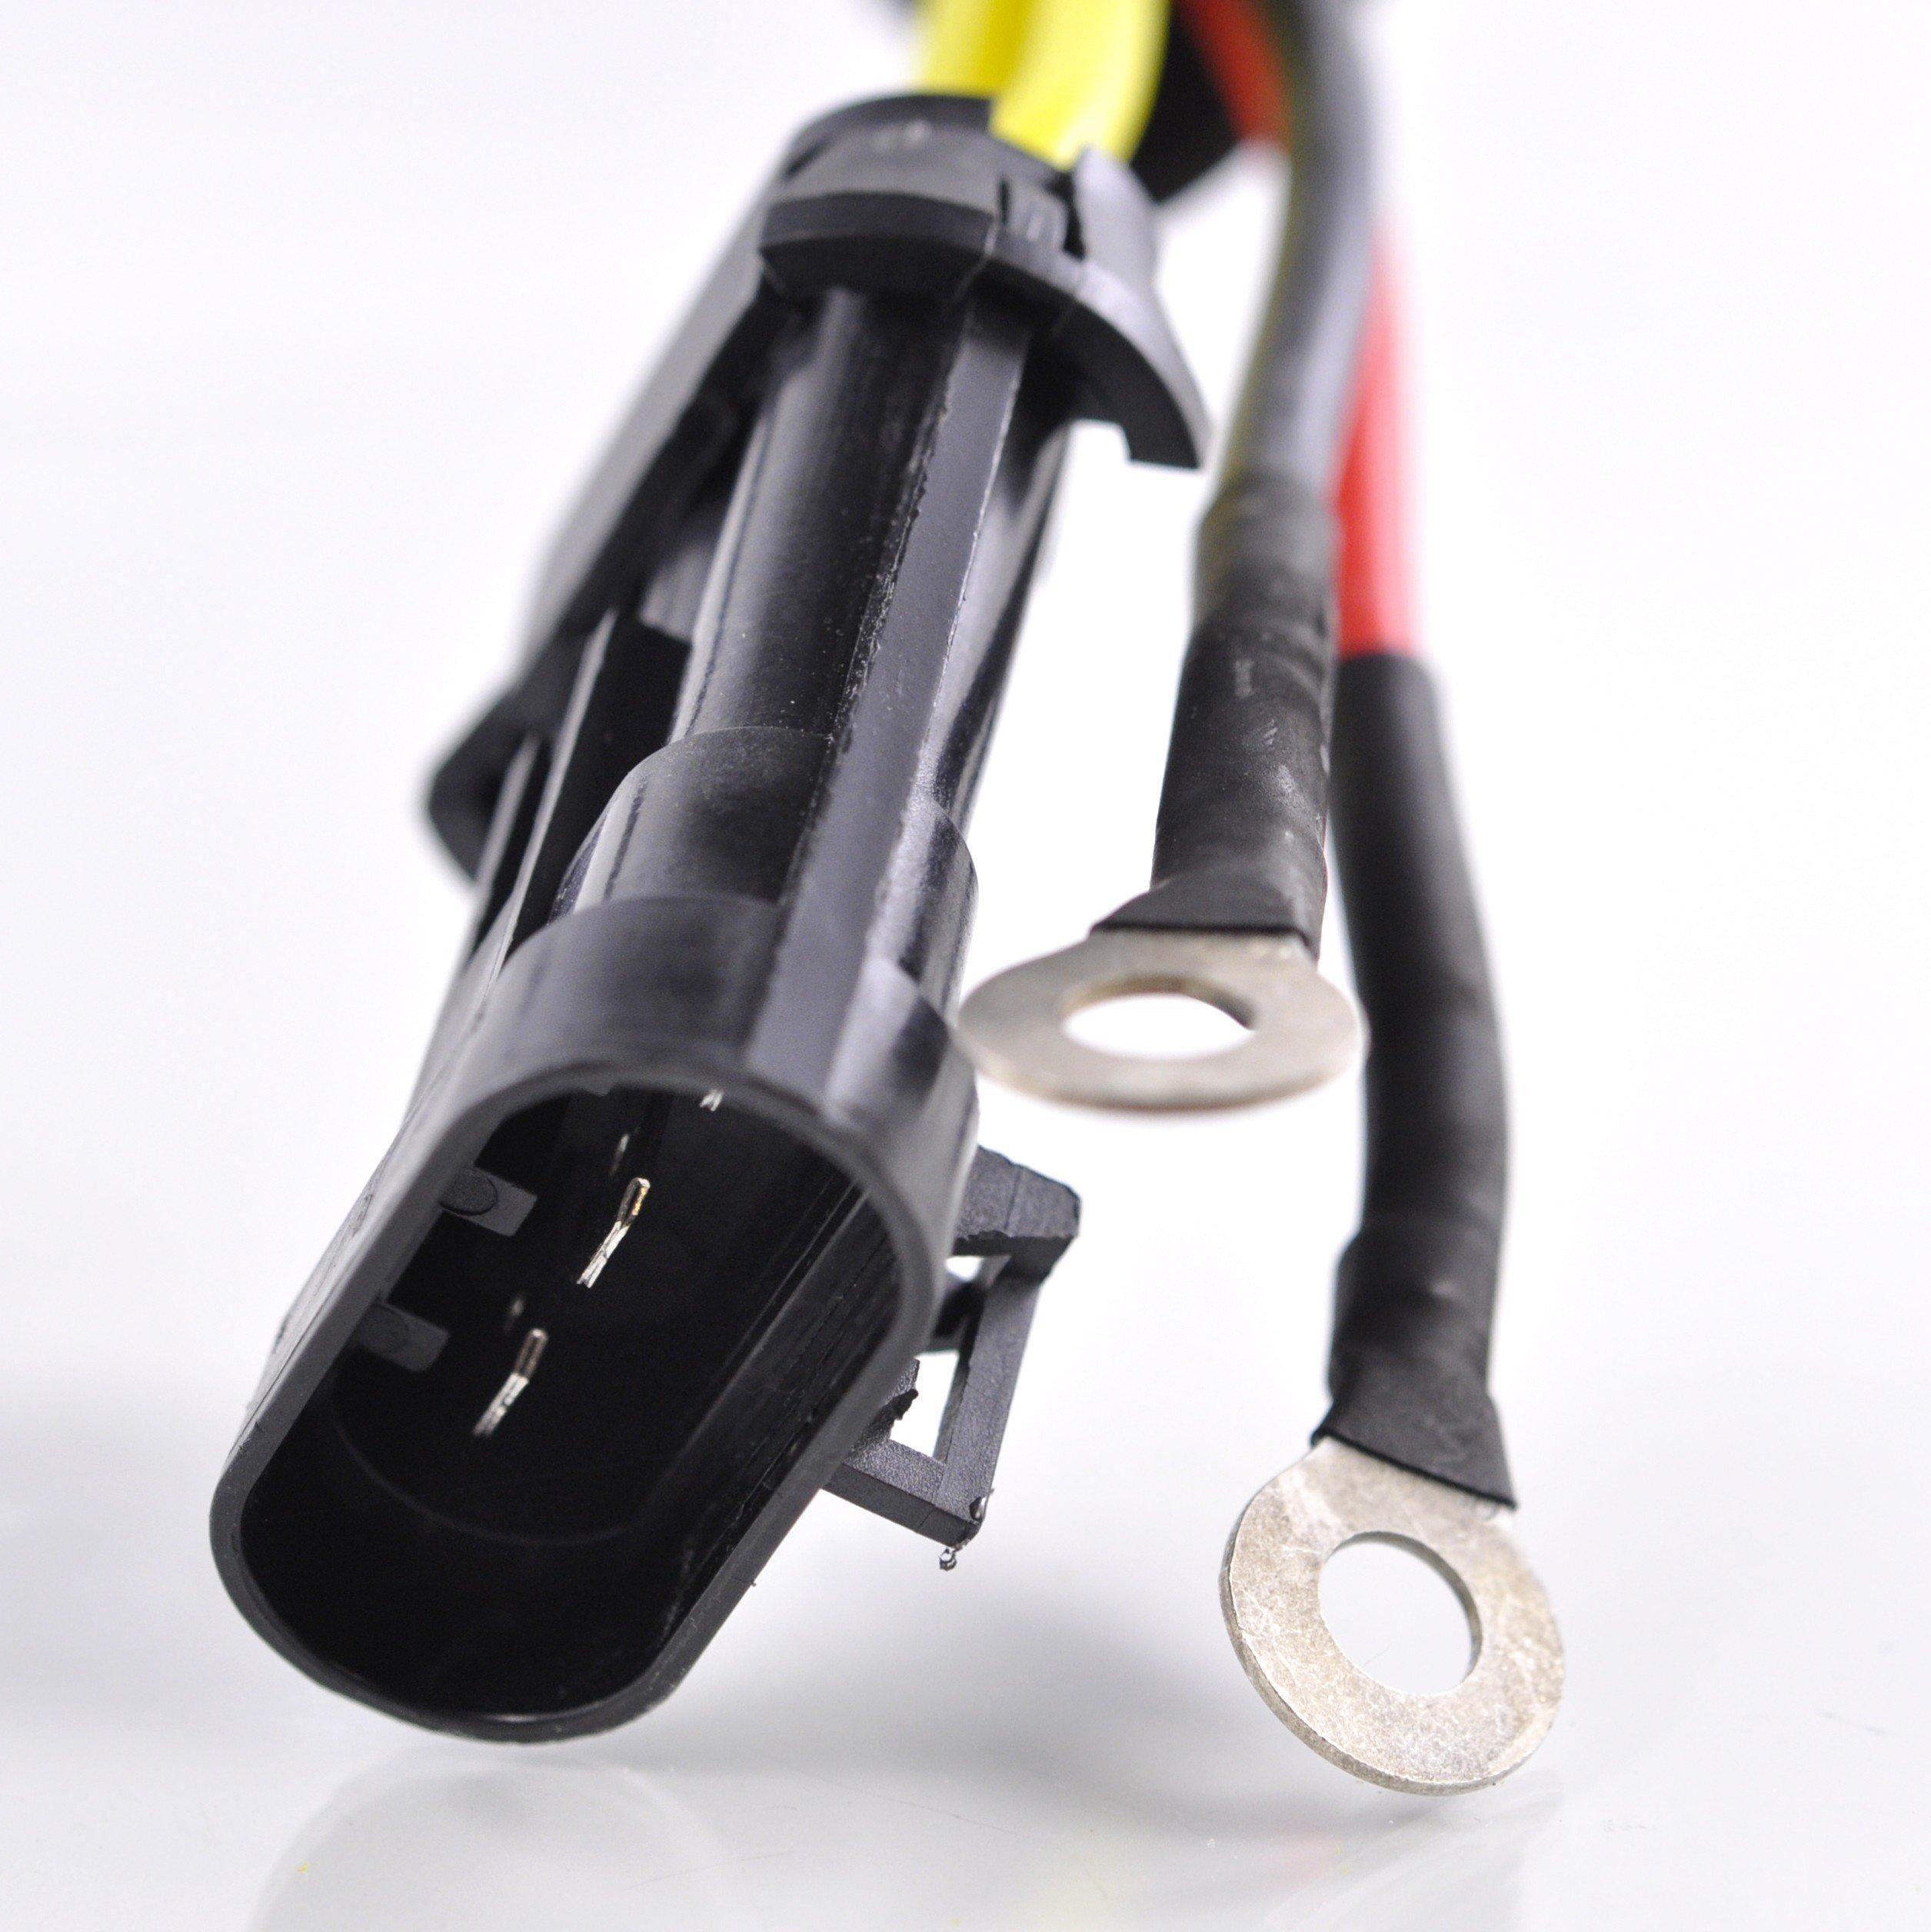 Heavy Duty Mosfet Polaris Voltage Regulator Upgrade Rzr 900 Ace Wiring Diagram Sportsman 1000 Scrambler